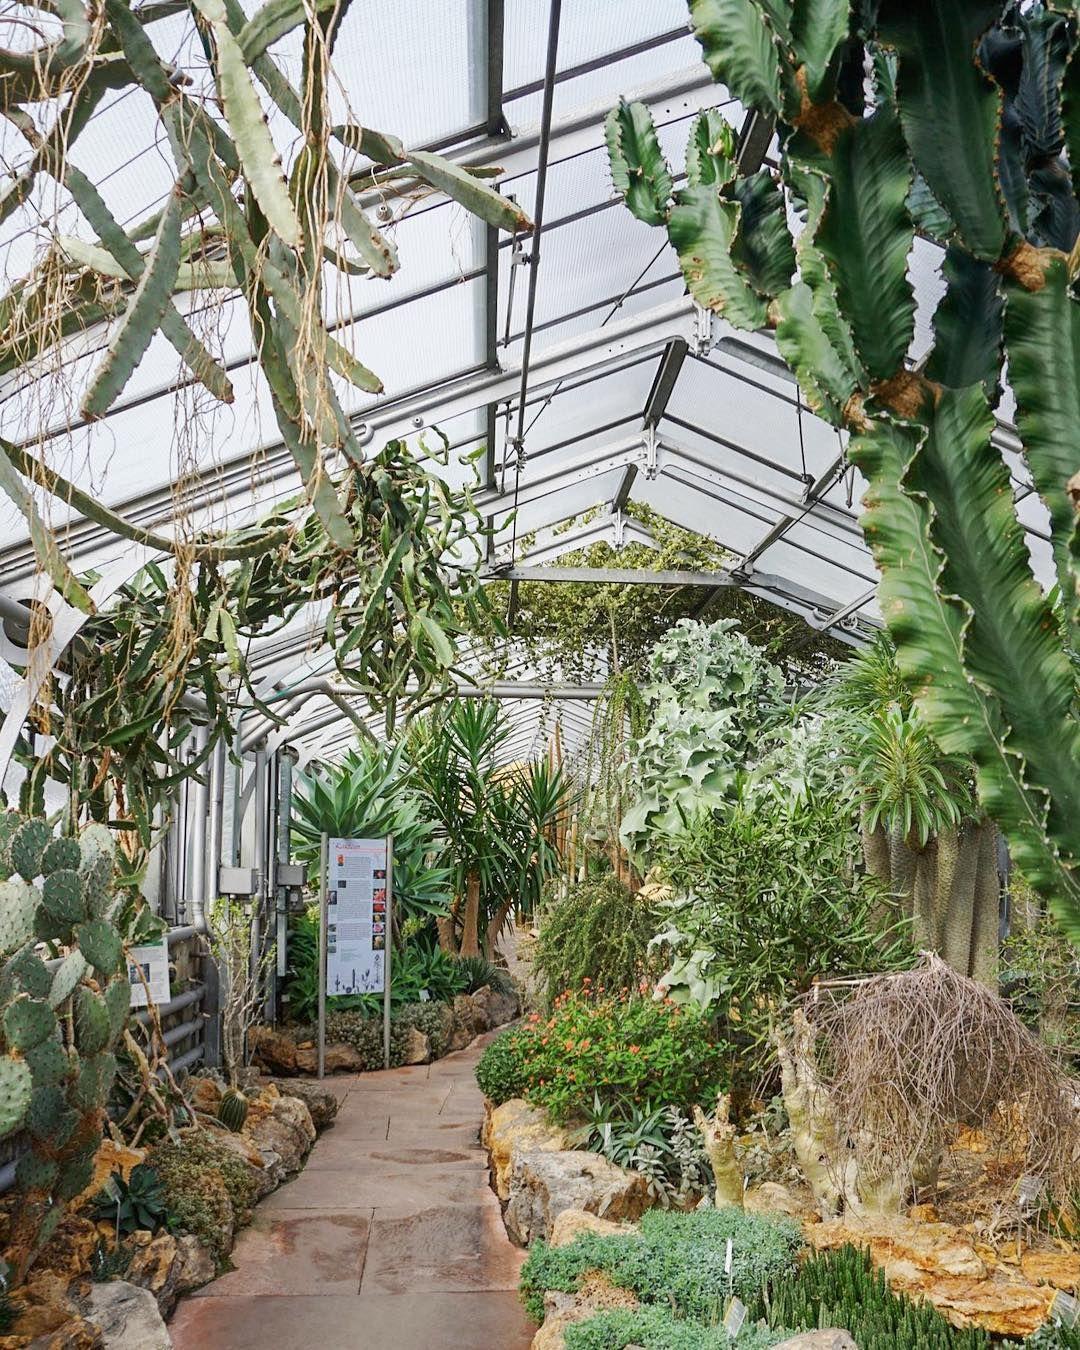 Wilhelma Stuttgart Zoo Botanischer Garten Garten Wilhelma Stuttgart